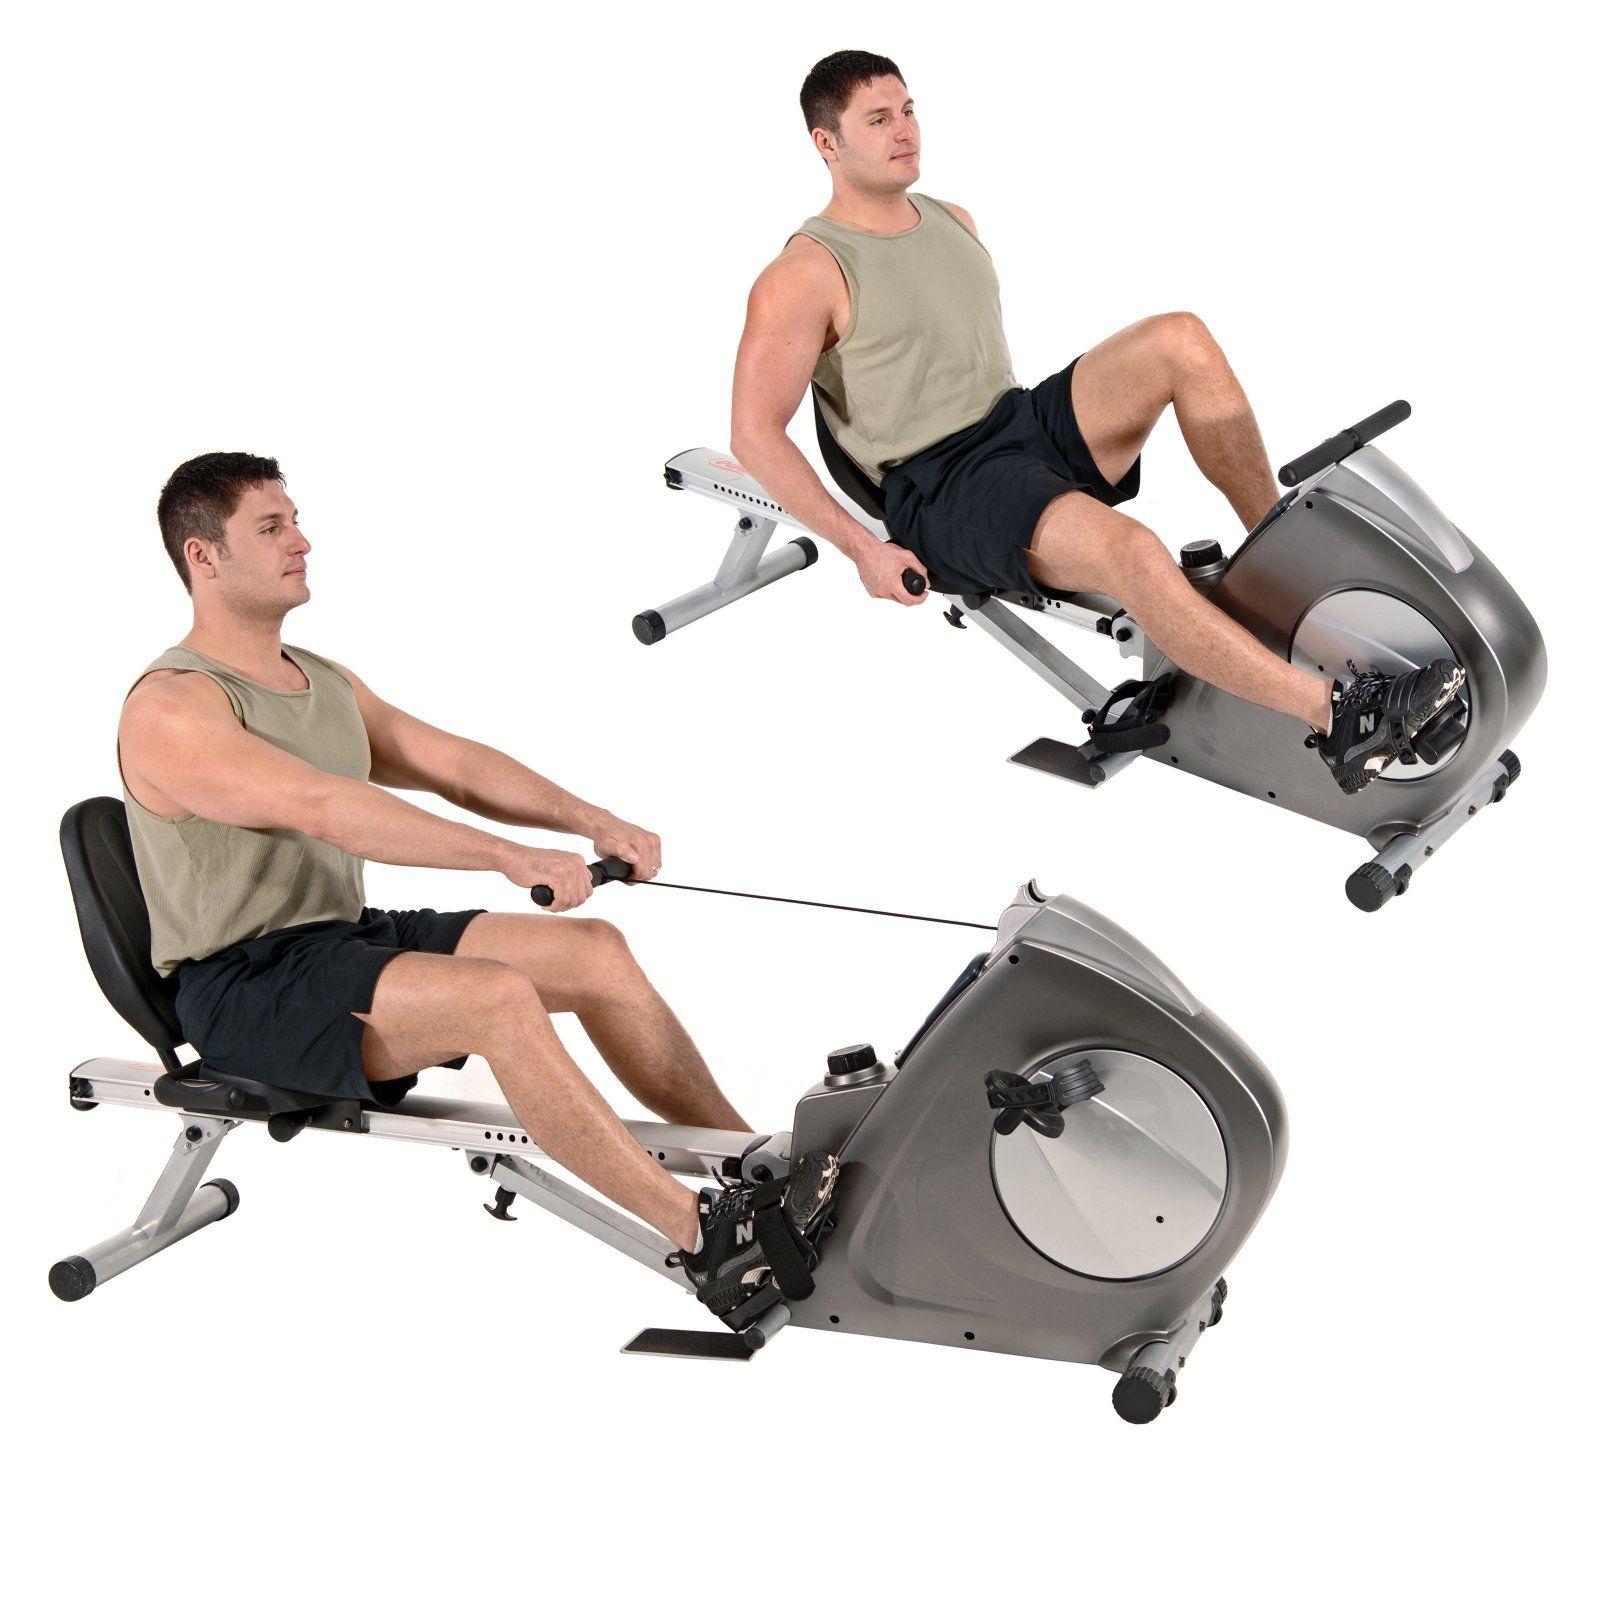 Stamina Conversion Ii Recumbent Exercise Bike Rowing Machine Biking Workout Recumbent Bike Workout Exercise Bikes